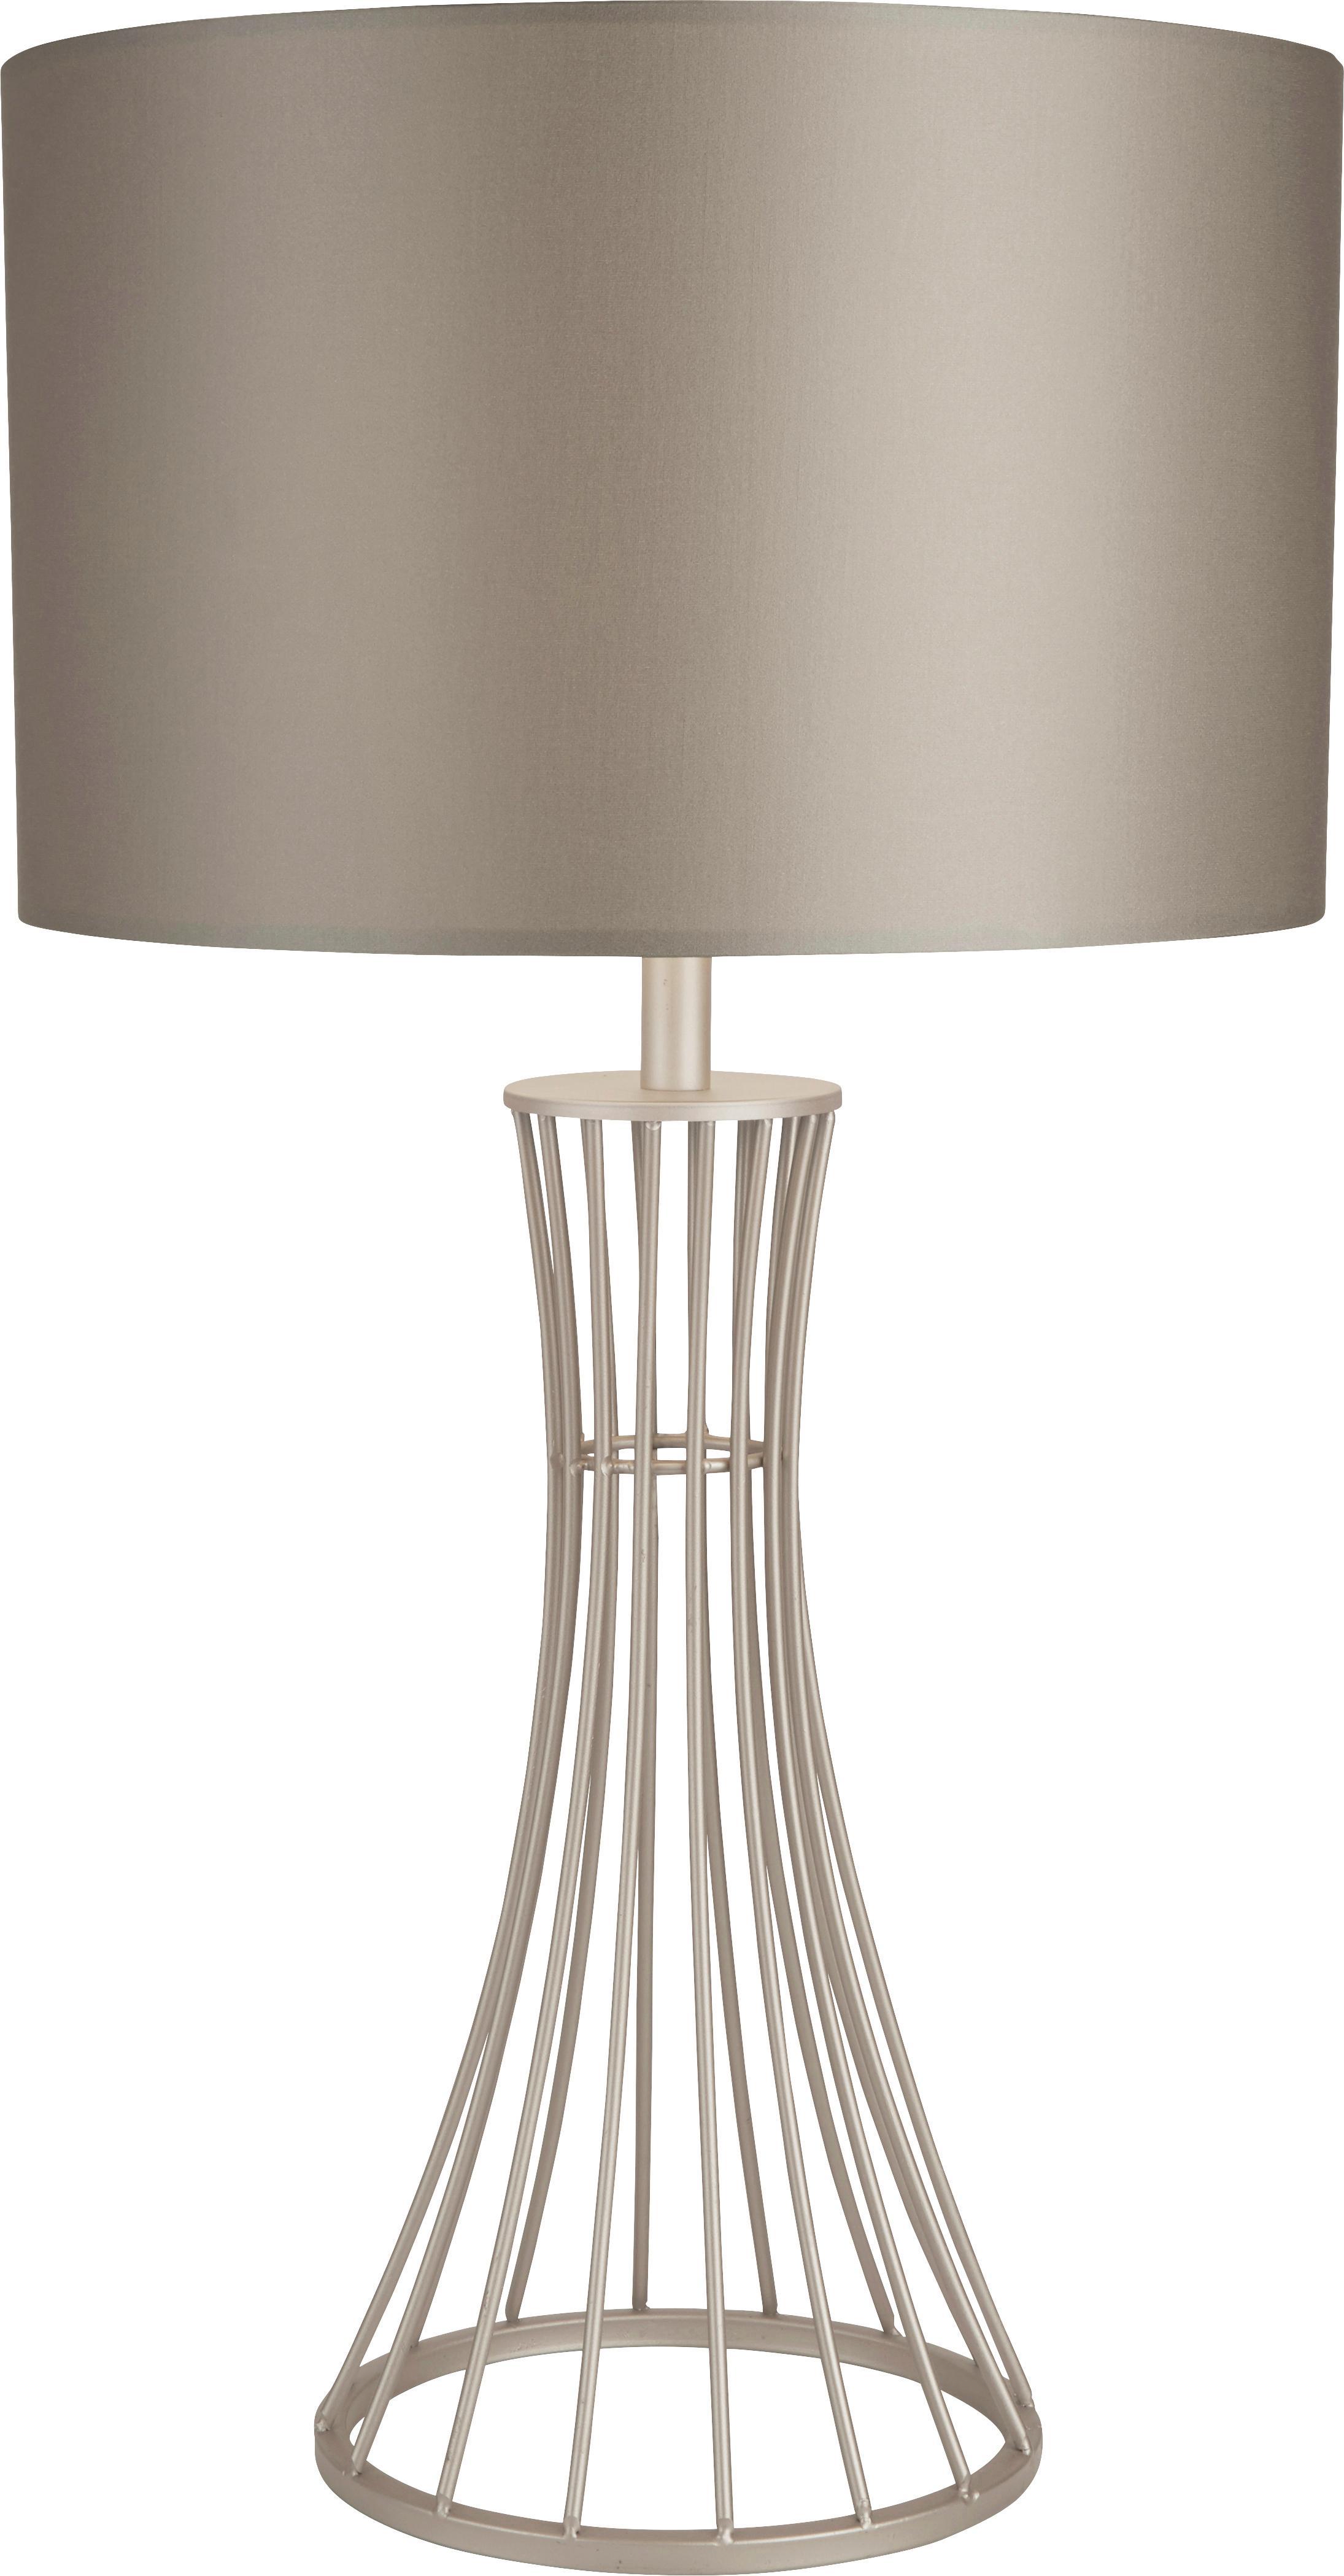 Lampada da tavolo color champagne Nanaya, Paralume: tessuto, Base della lampada: acciaio rivestito, Champagne, Ø 35 x Alt. 66 cm